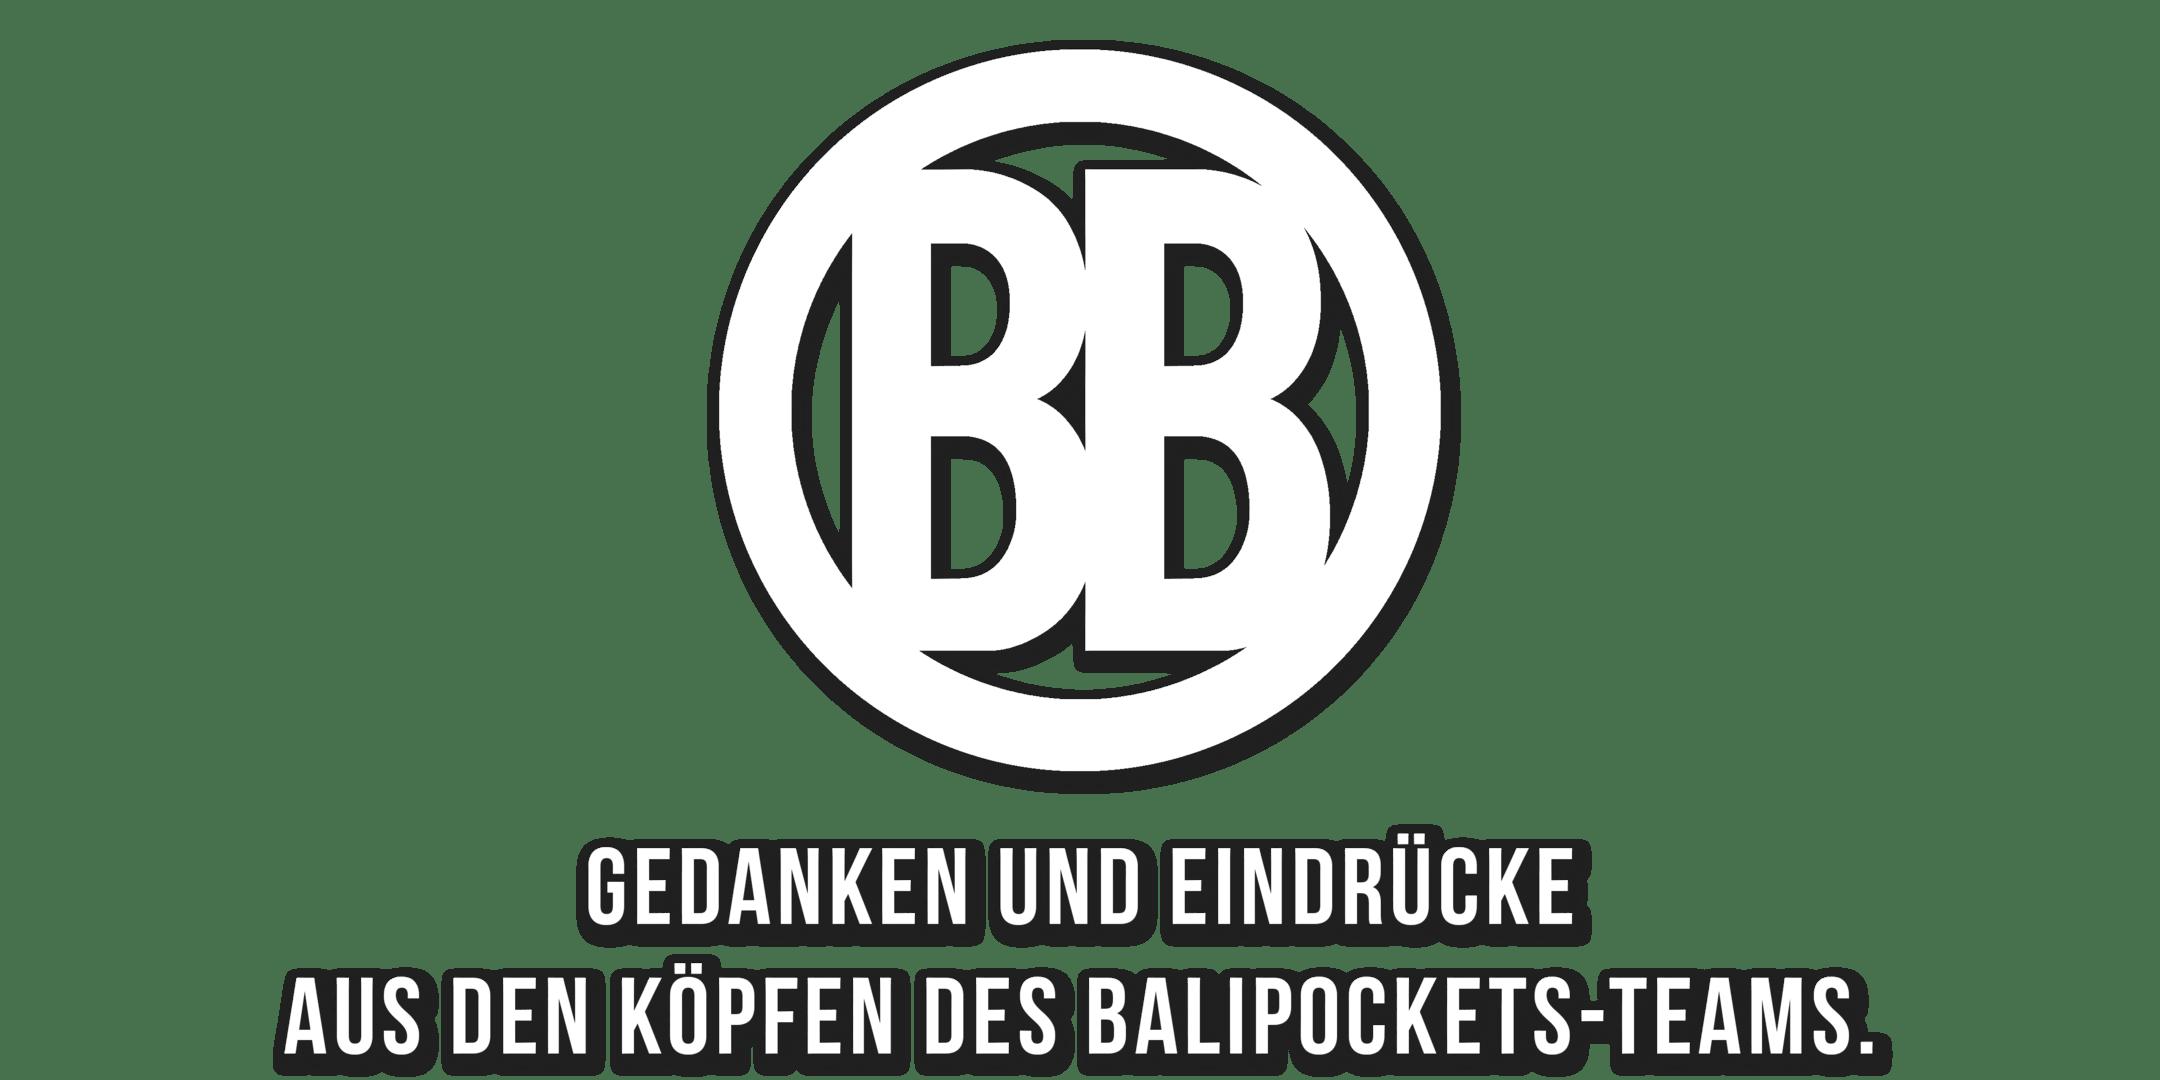 BB - Der Balipockets-Blog.